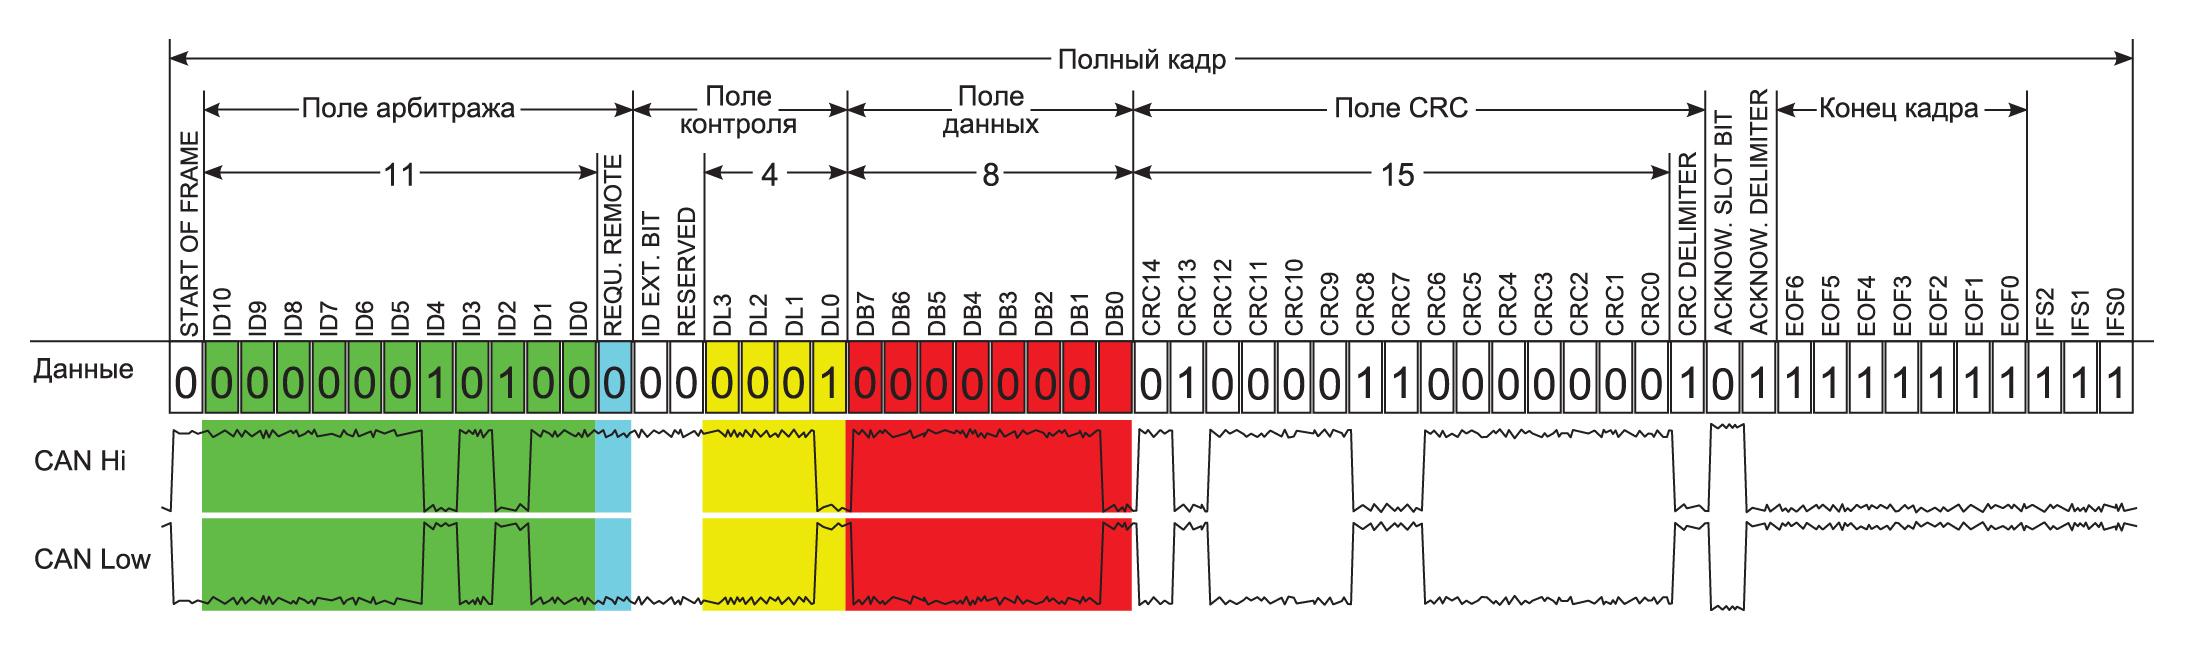 Формат кадра передачи данных CAN